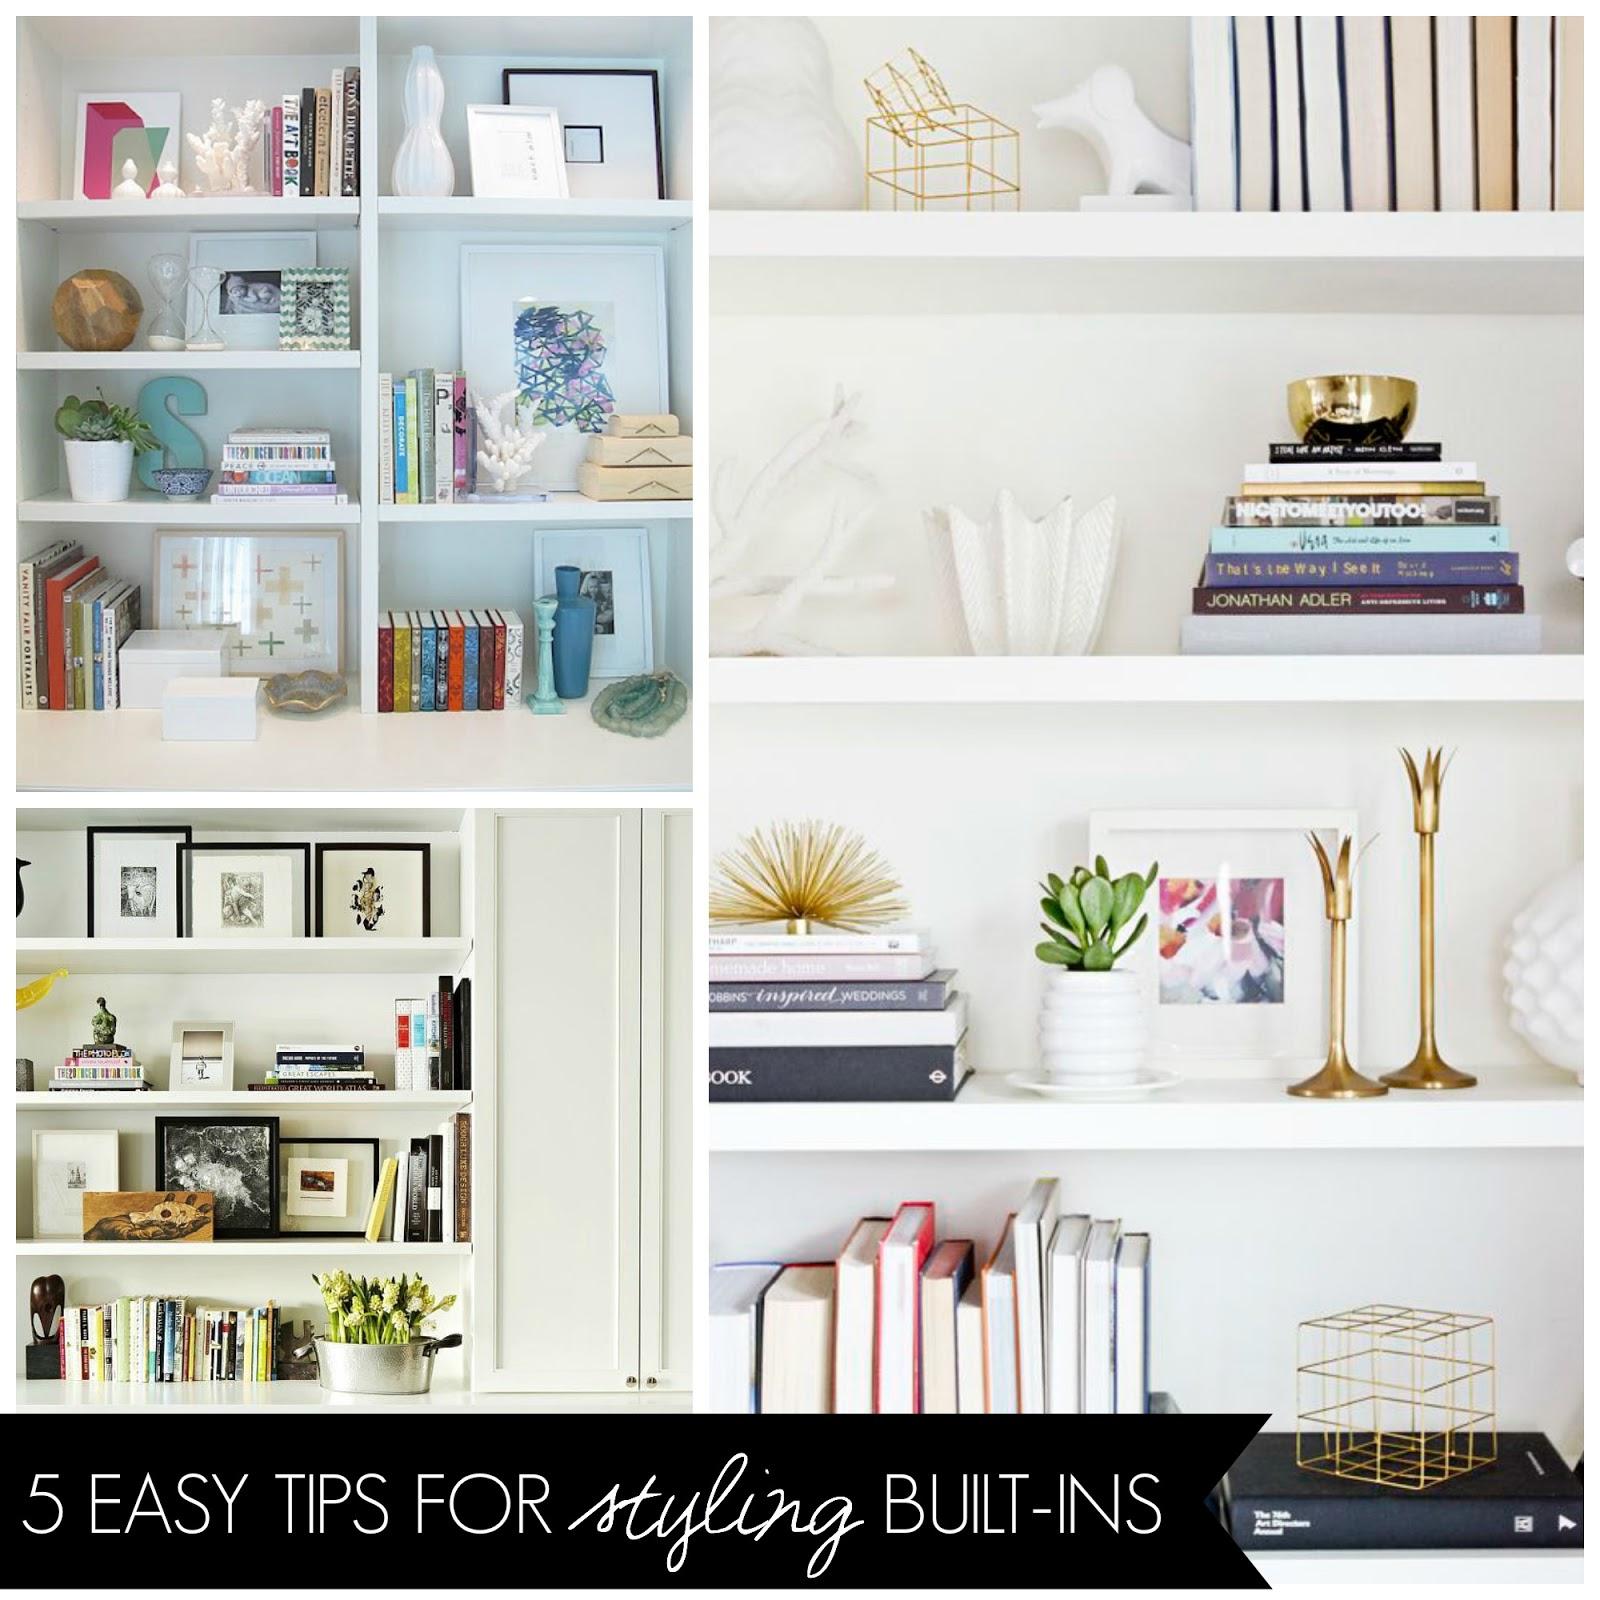 5 easy tips for styling shelves